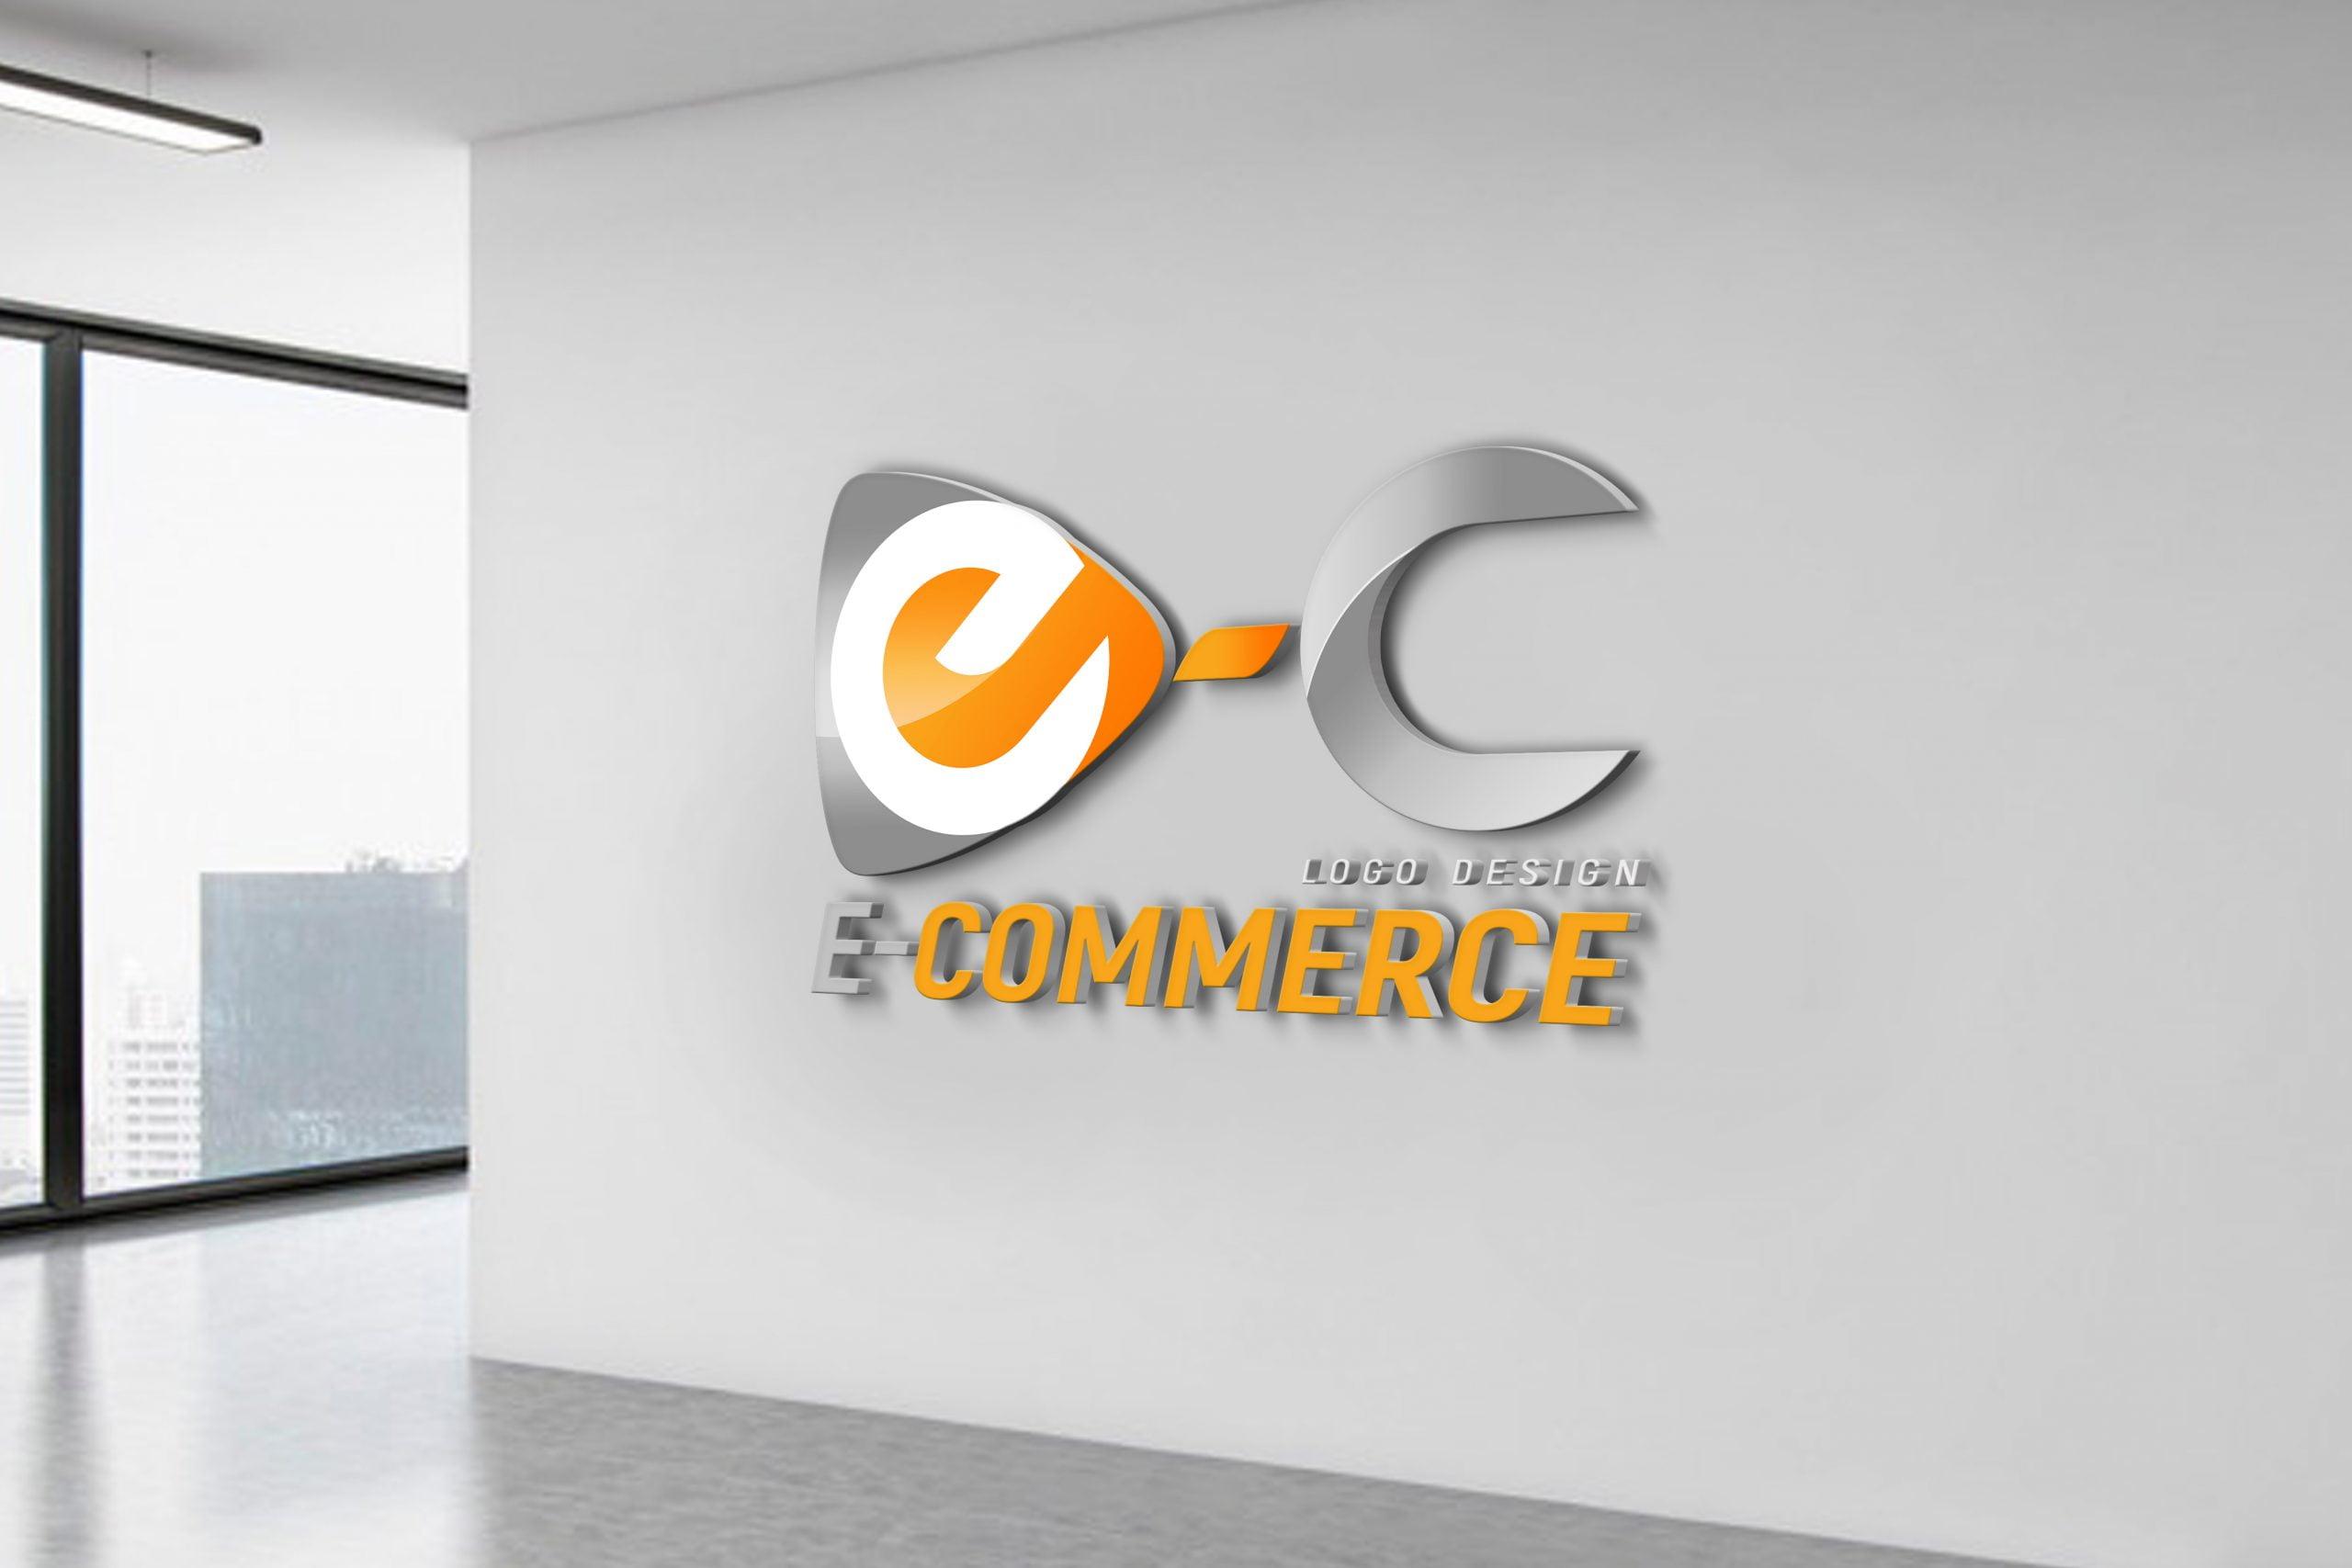 E-commerce Logo Design Free Download